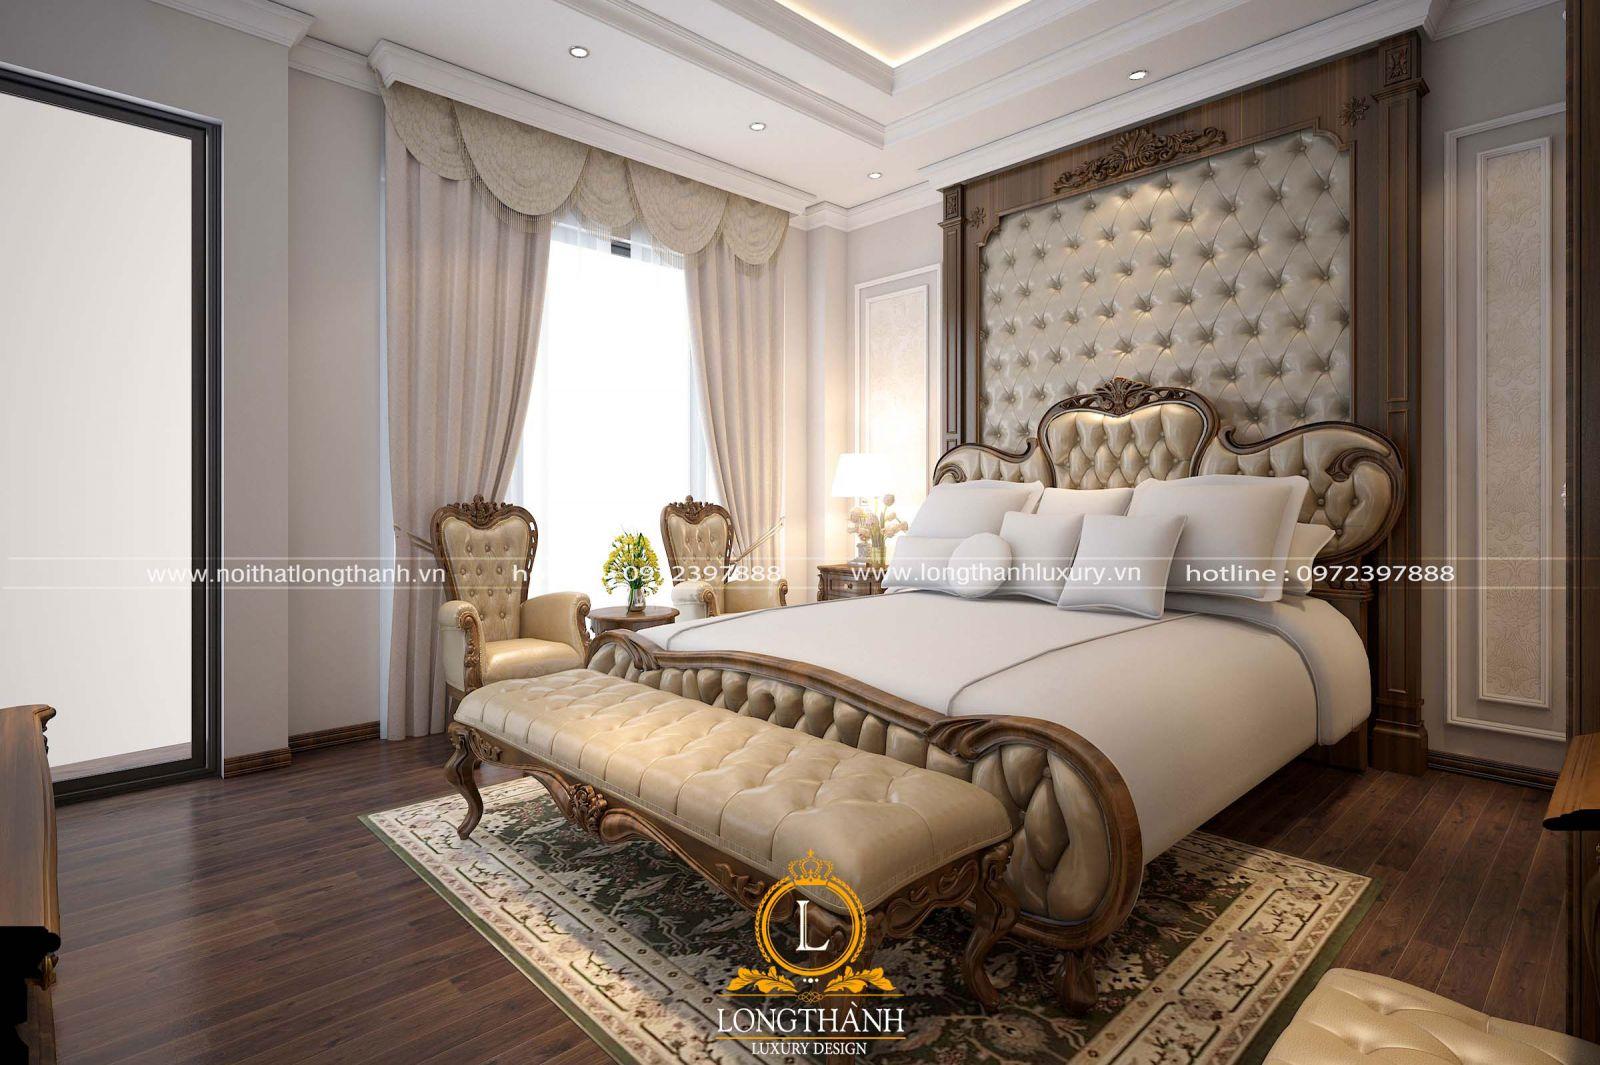 Phòng ngủ tân cổ điển với cách bày trí hợp lý